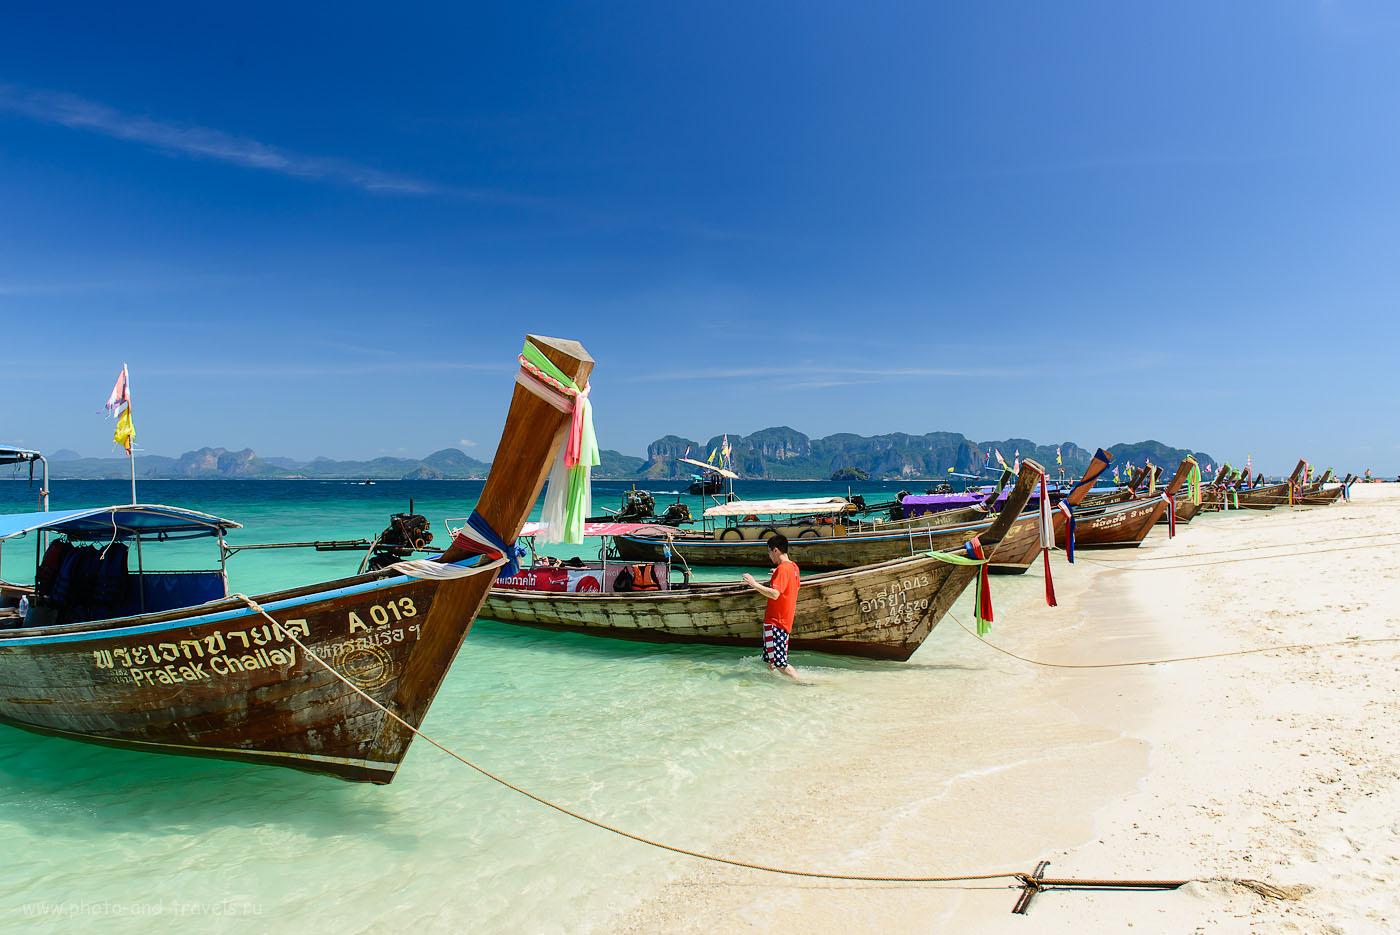 Фото 5. Лодки Long-tail Boat тоже являются символом Тайланда. Рассказ о самостоятельном отдыхе в провинции Краби (200, 24, 9.0, 1/200)